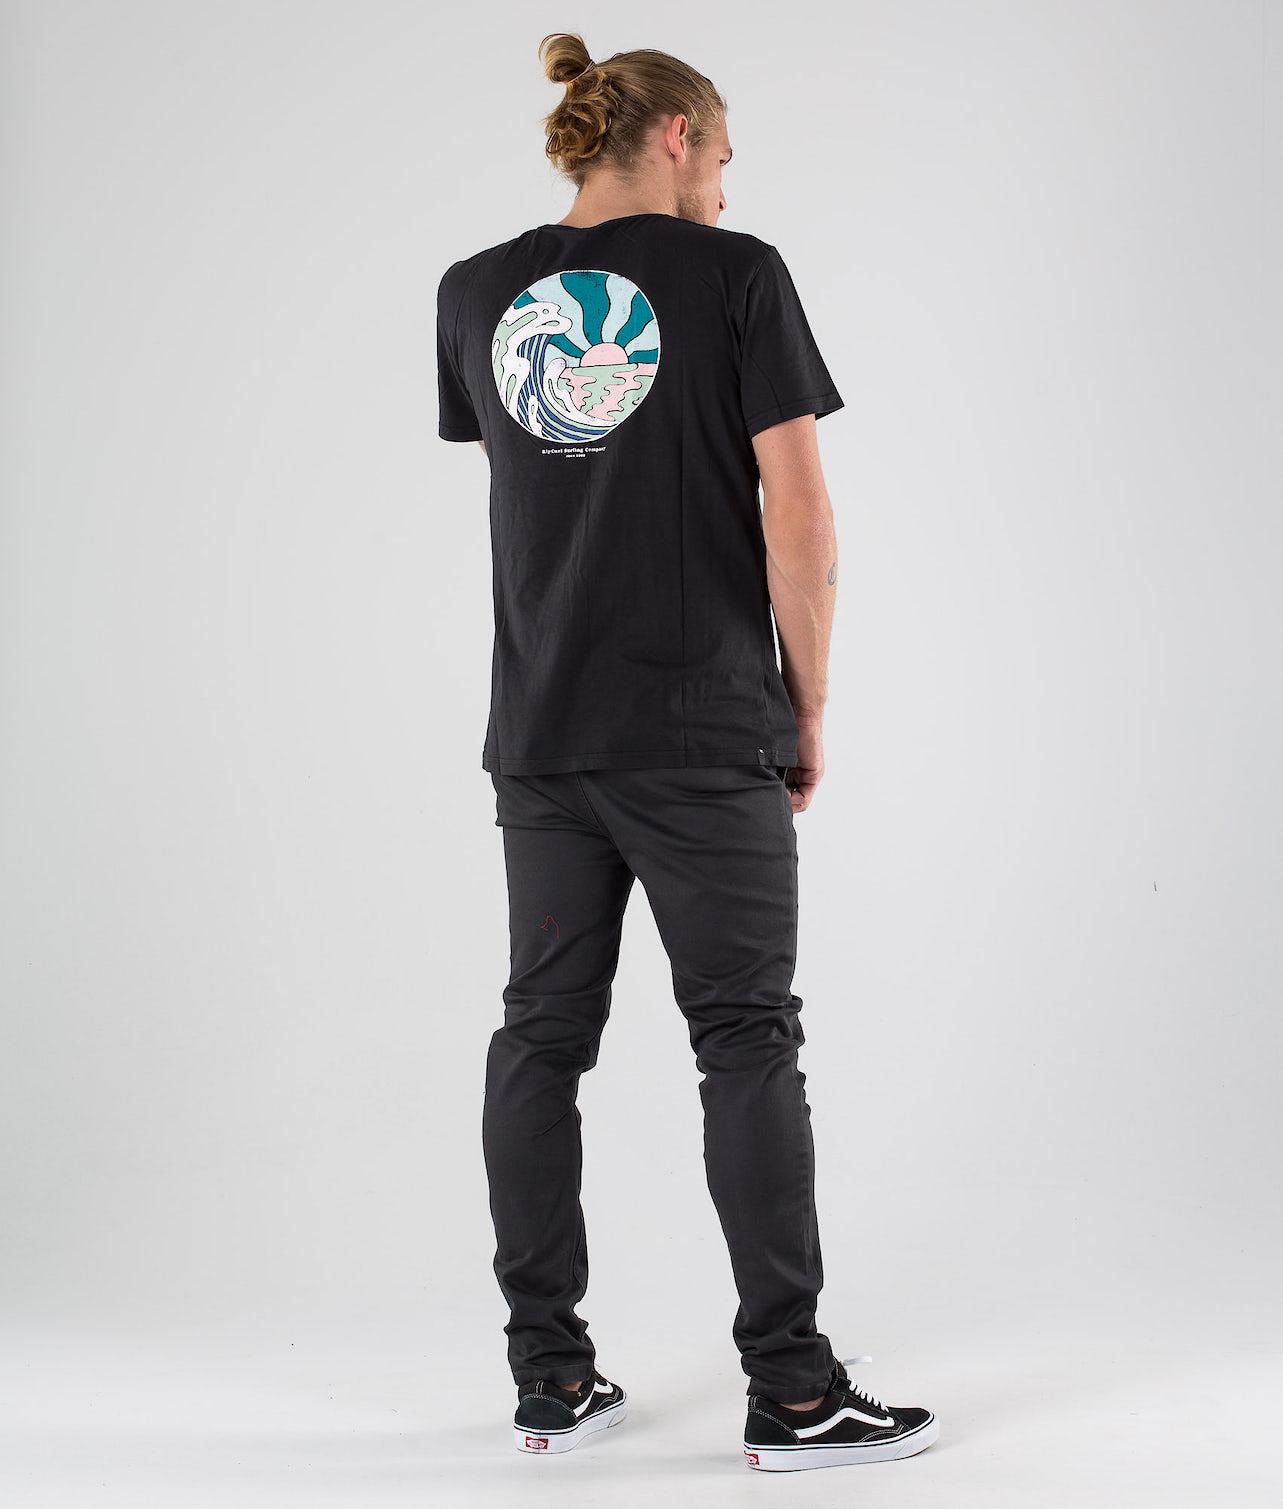 Kjøp Hazed & Tubed T-shirt fra Rip Curl på Ridestore.no - Hos oss har du alltid fri frakt, fri retur og 30 dagers åpent kjøp!